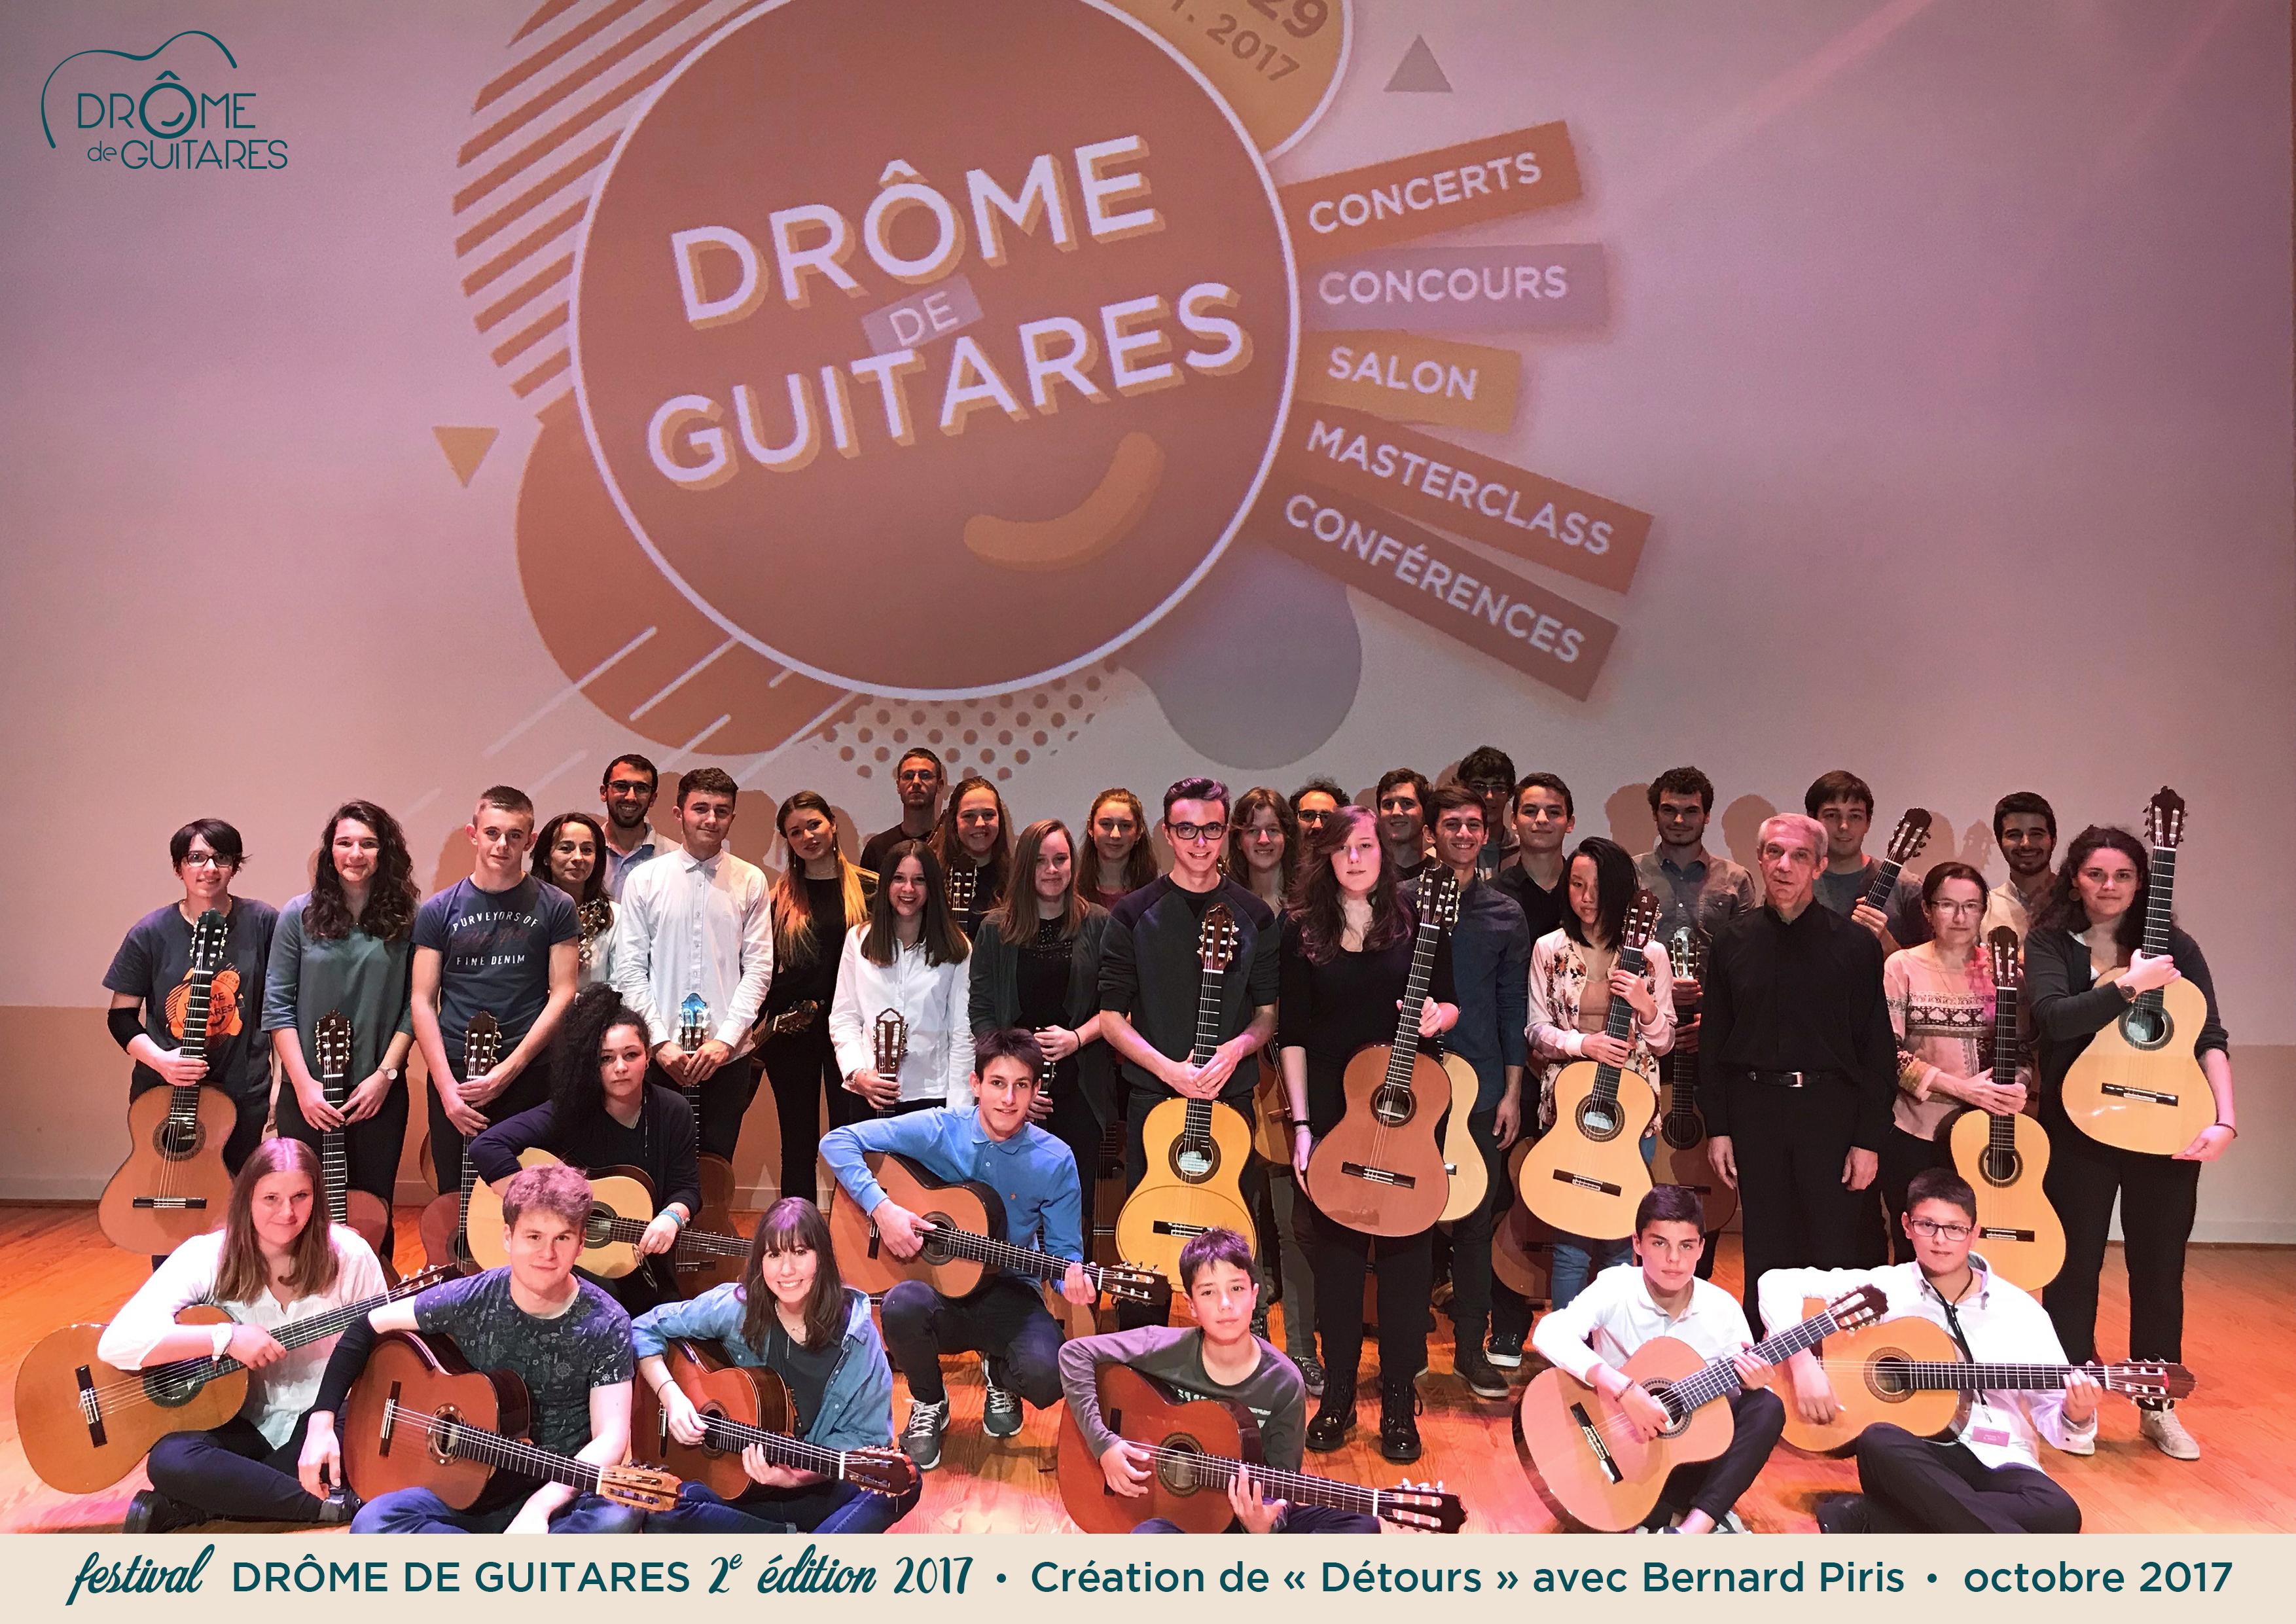 Une 2ème édition réussie pour le festival international Drôme de Guitares.